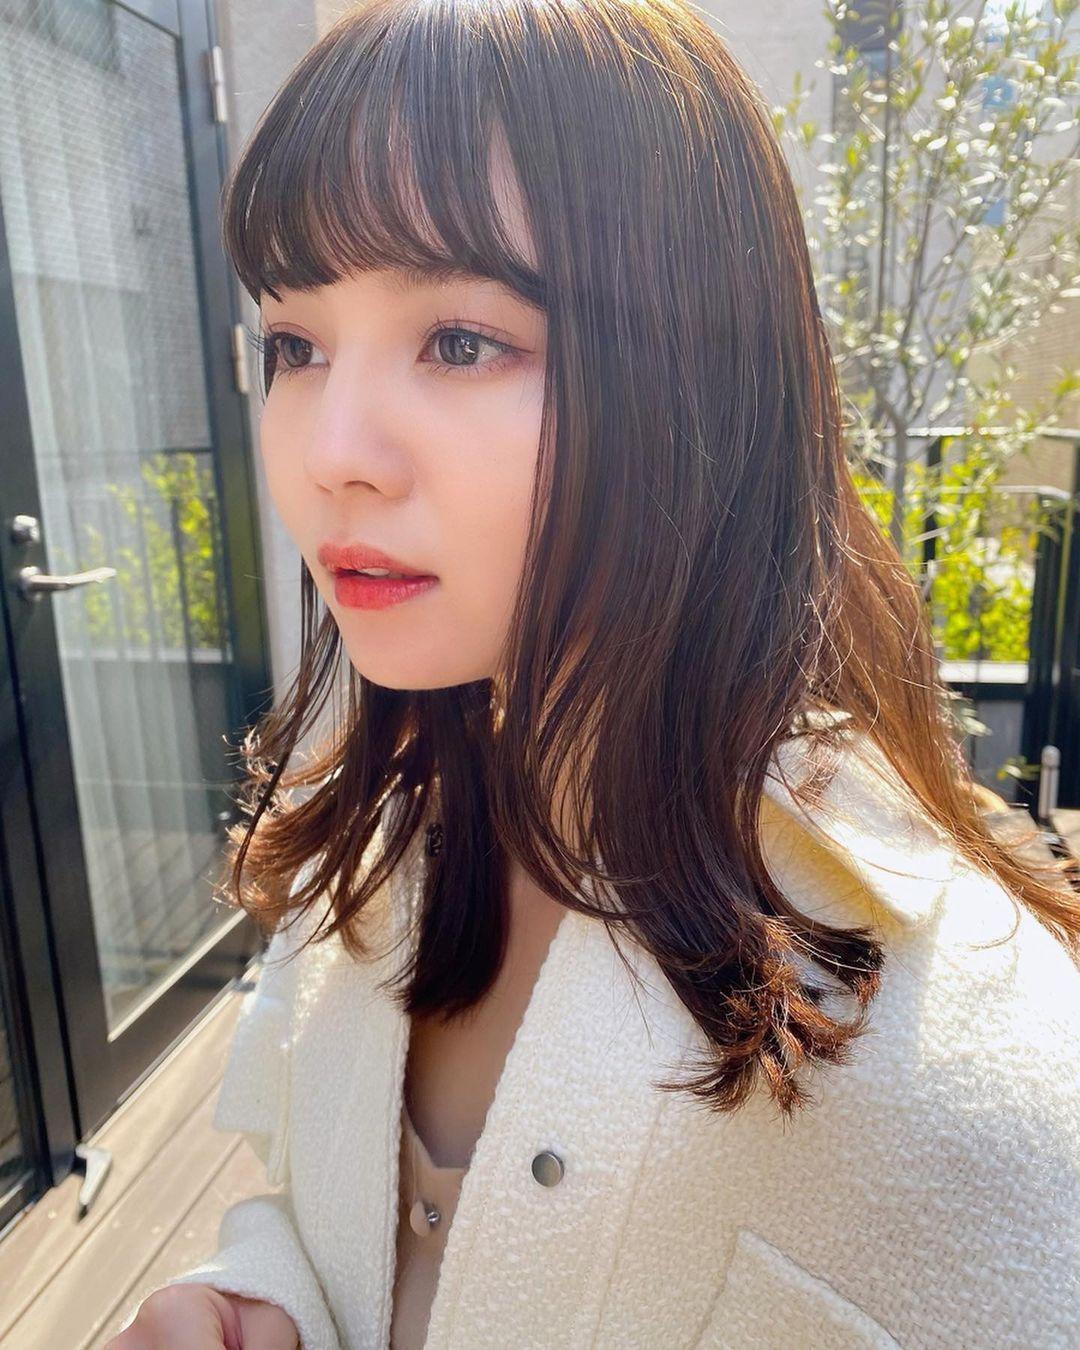 崛北真希妹妹NANAMI新生代清纯女 网络美女 第41张